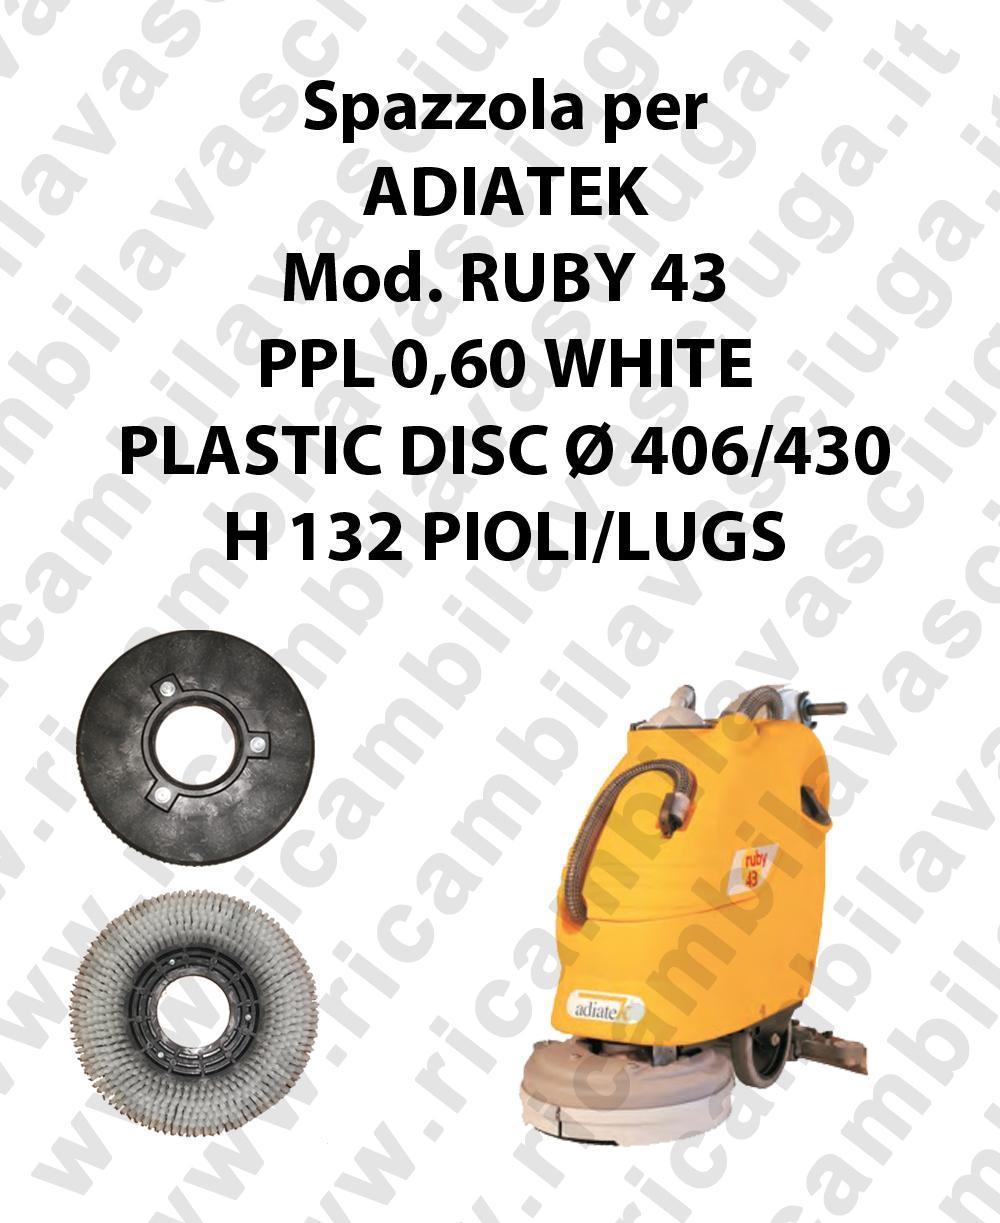 RUBY 43 Bürsten für scheuersaugmaschinen ADIATEK